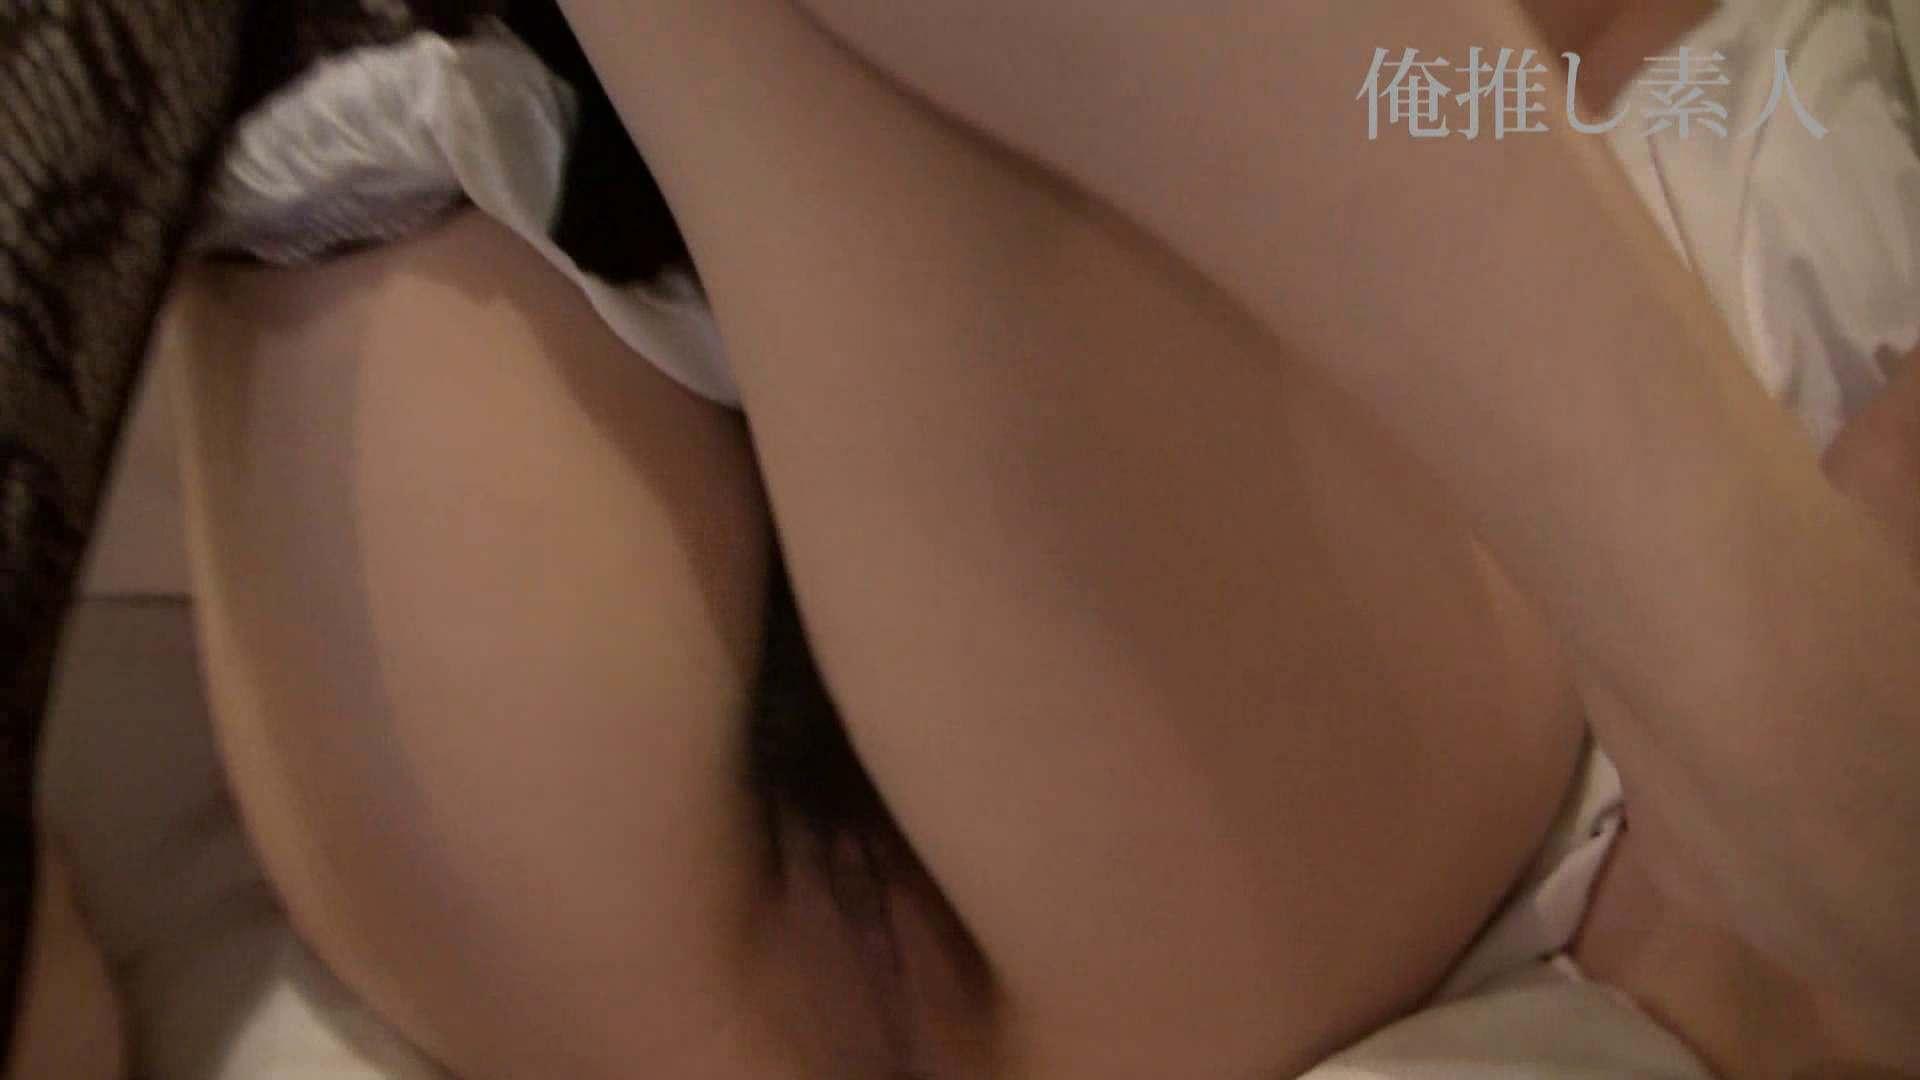 俺推し素人 キャバクラ嬢26歳久美vol2 ギャル達のSEX | 一般投稿  54画像 17